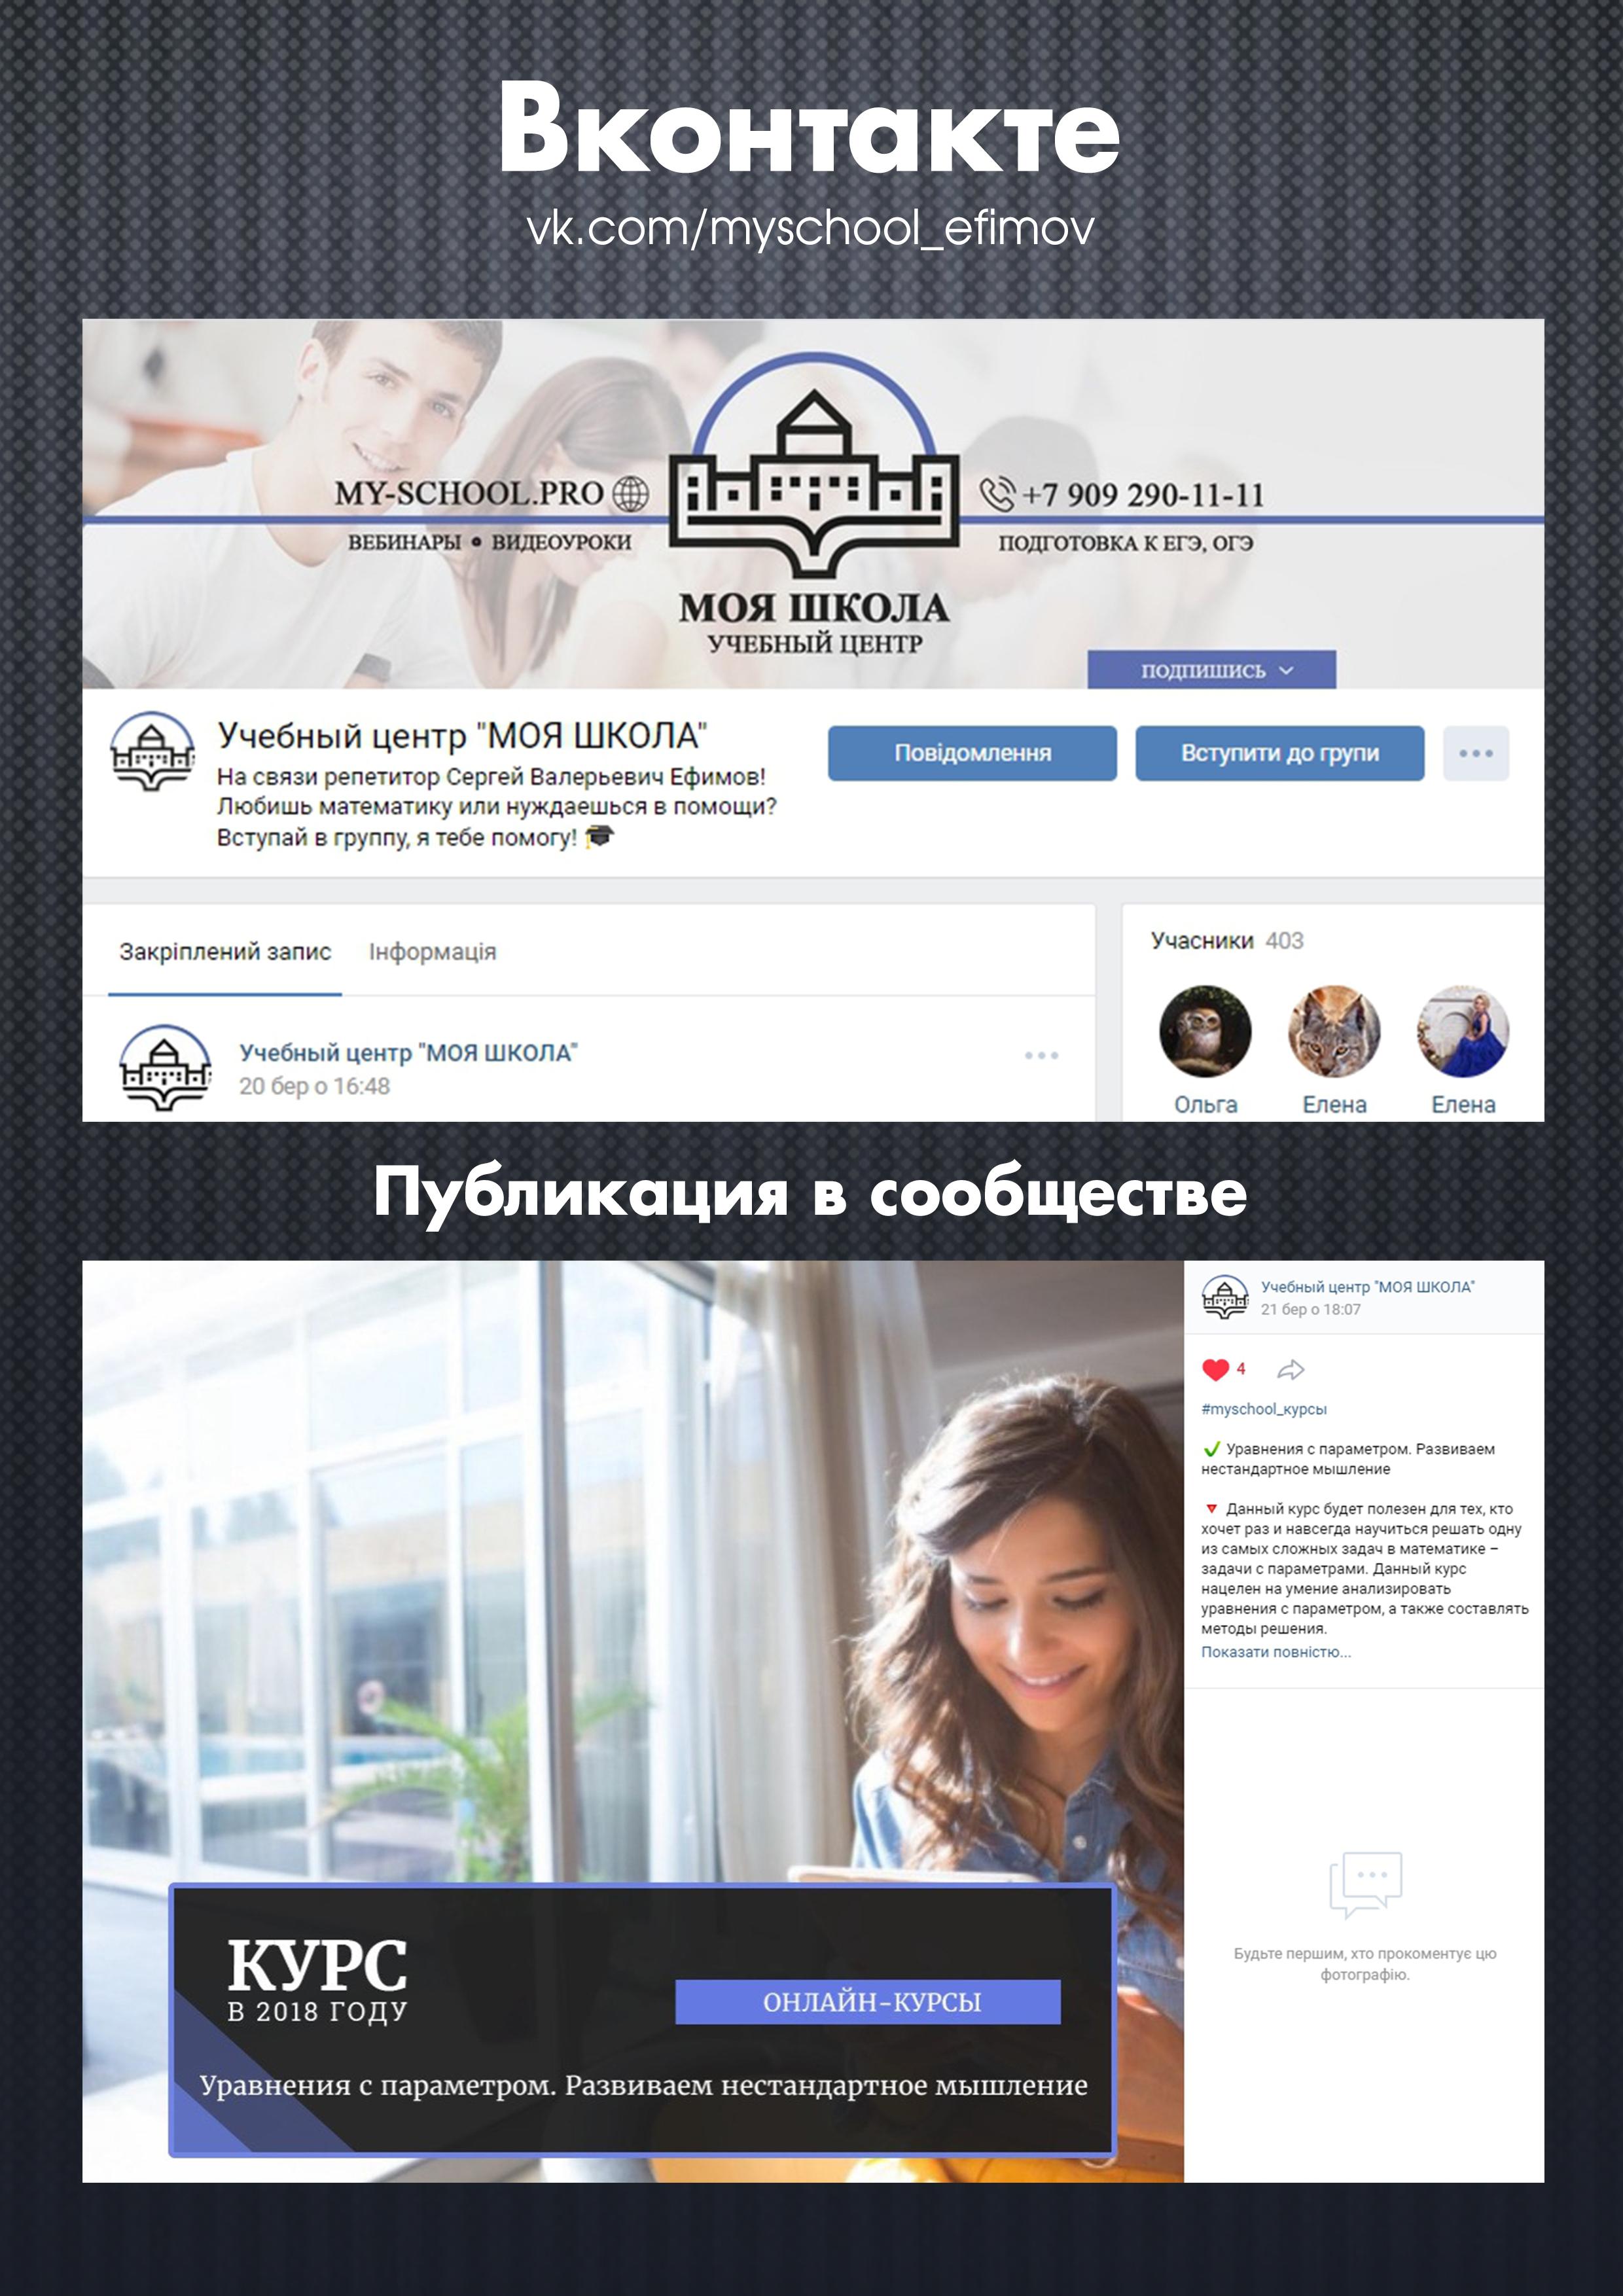 Учебный центр / Вконтакте